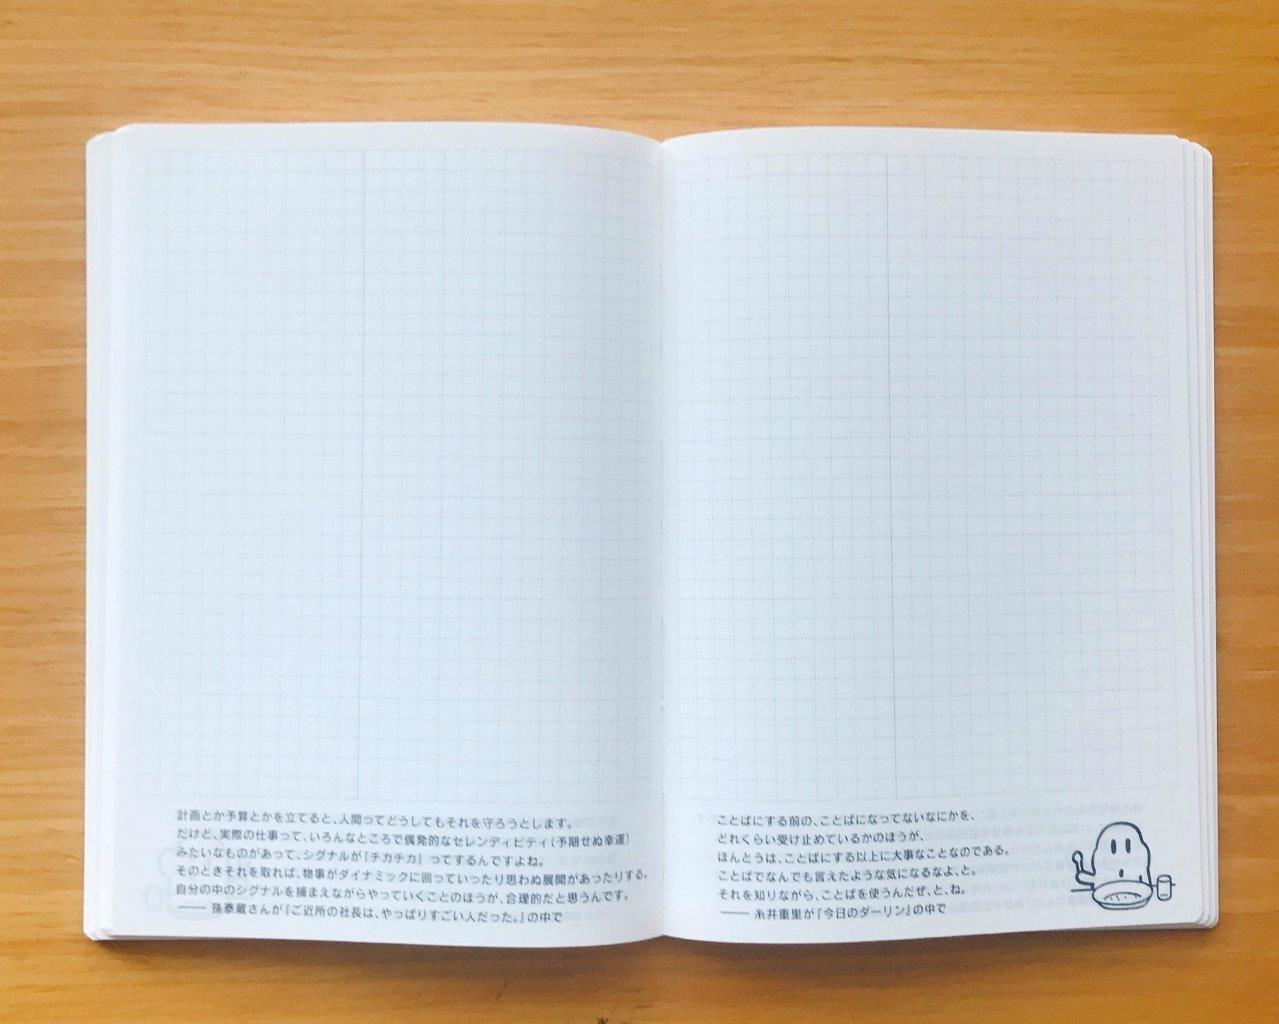 day-freeのメモページ。このほか、見開きで4カ月の予定を見られる年間カレンダー、ブロックタイプのマンスリーも付いている (撮影:大吉紗央里)